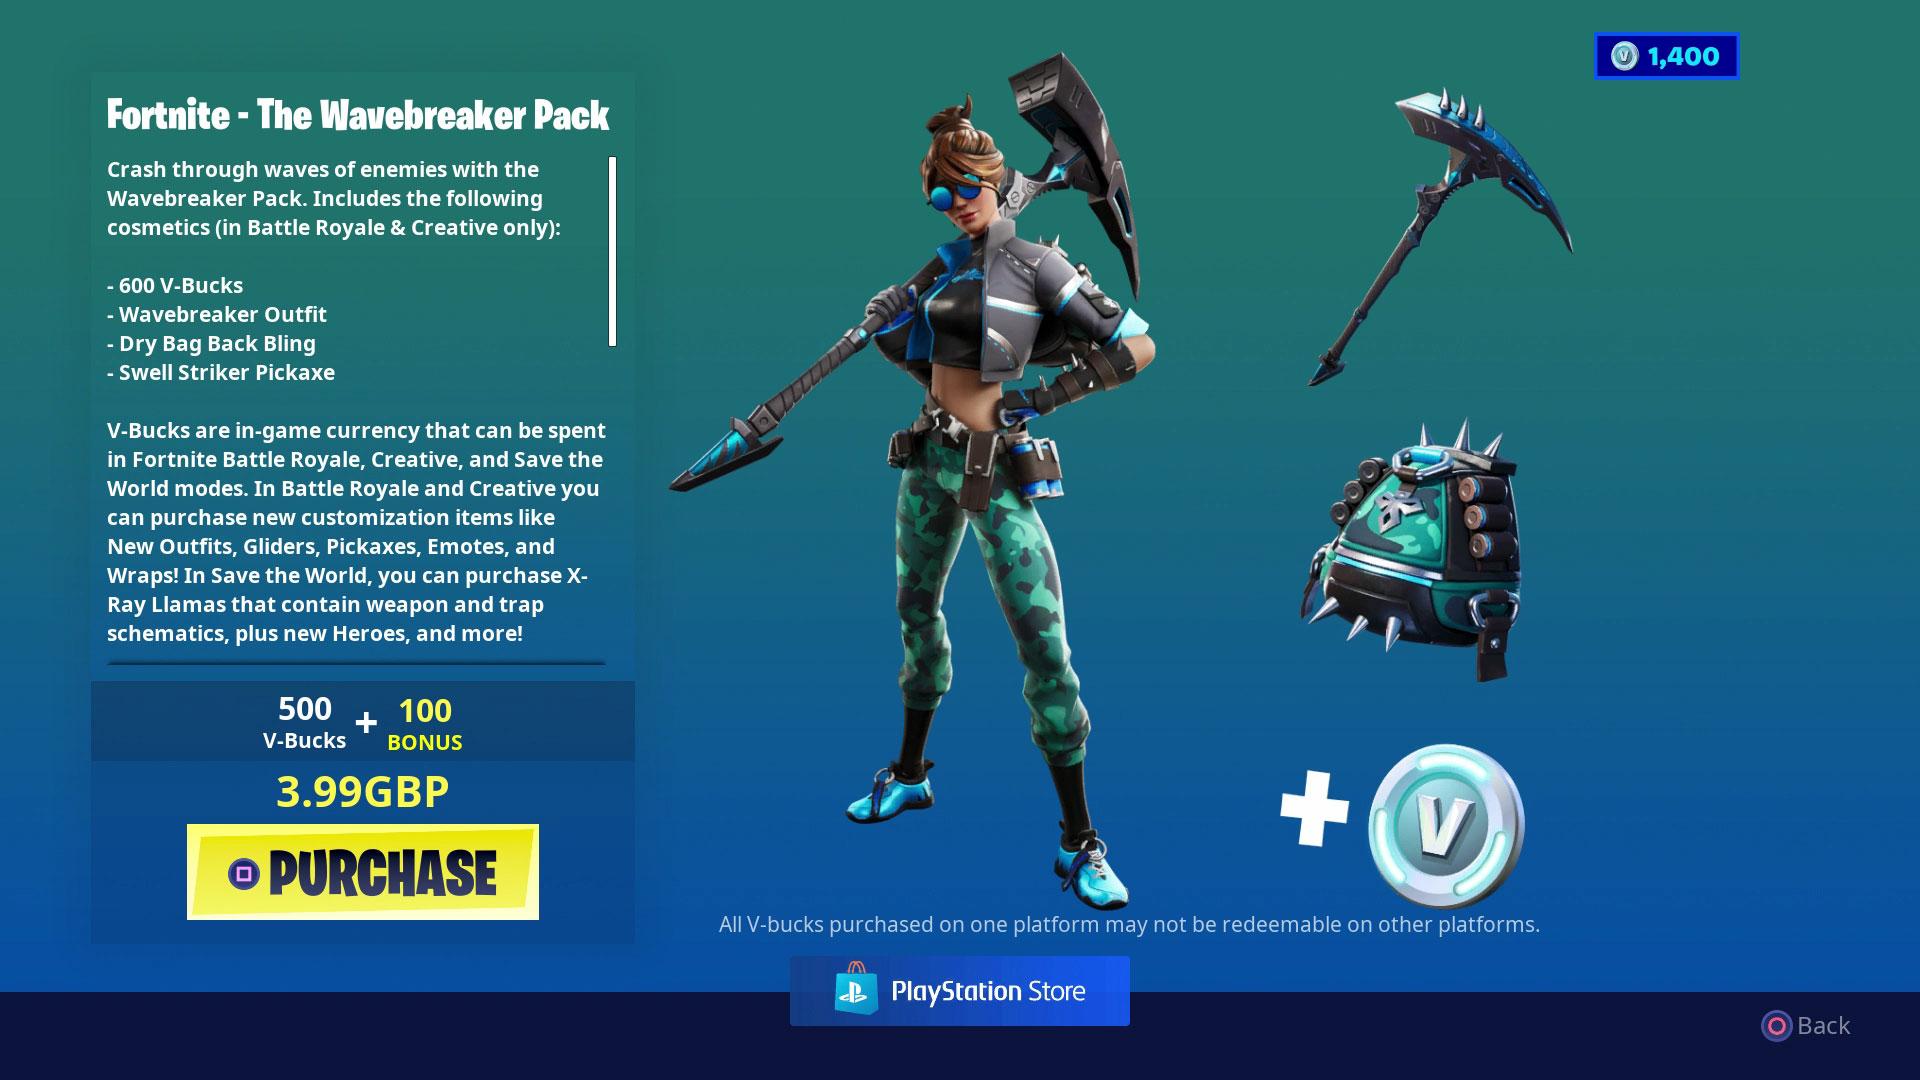 Fortnite Starter Pack The Wavebreaker Pack Is The Best Deal